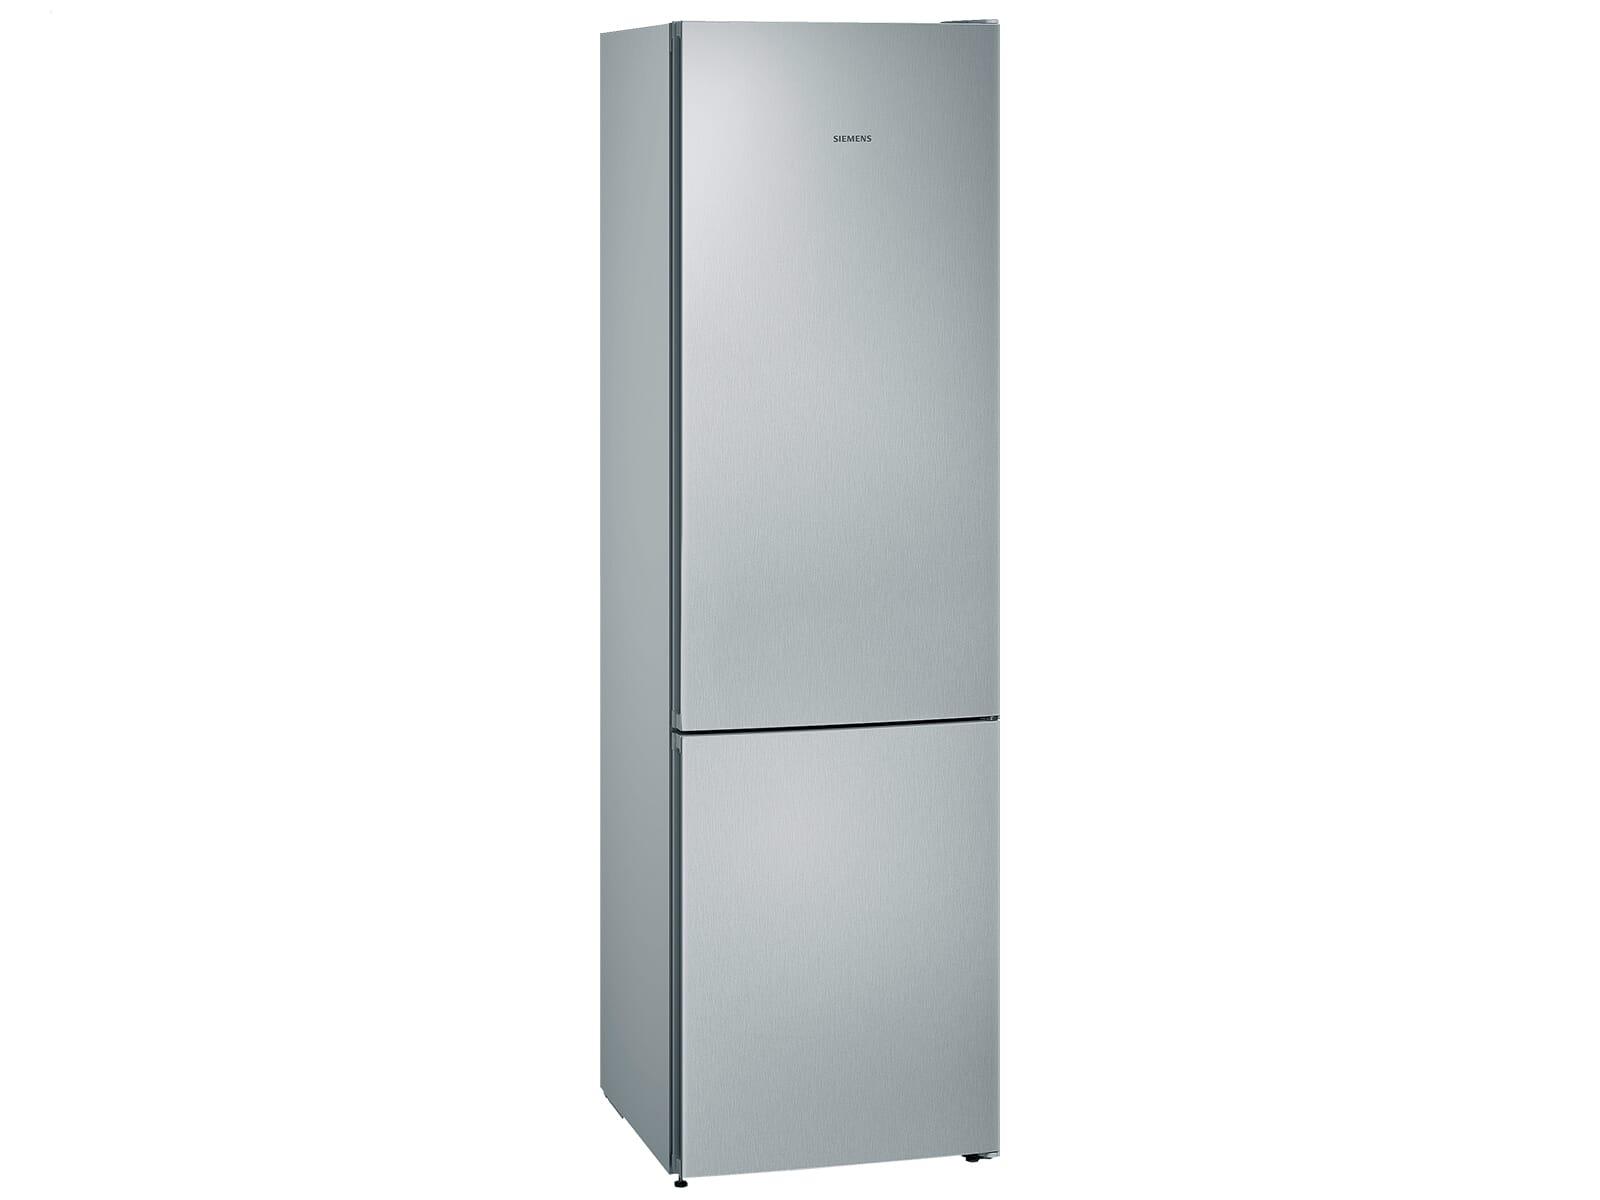 Kühlschrank Gefrierkombination : Siemens kg nvl kühl gefrierkombination edelstahl look